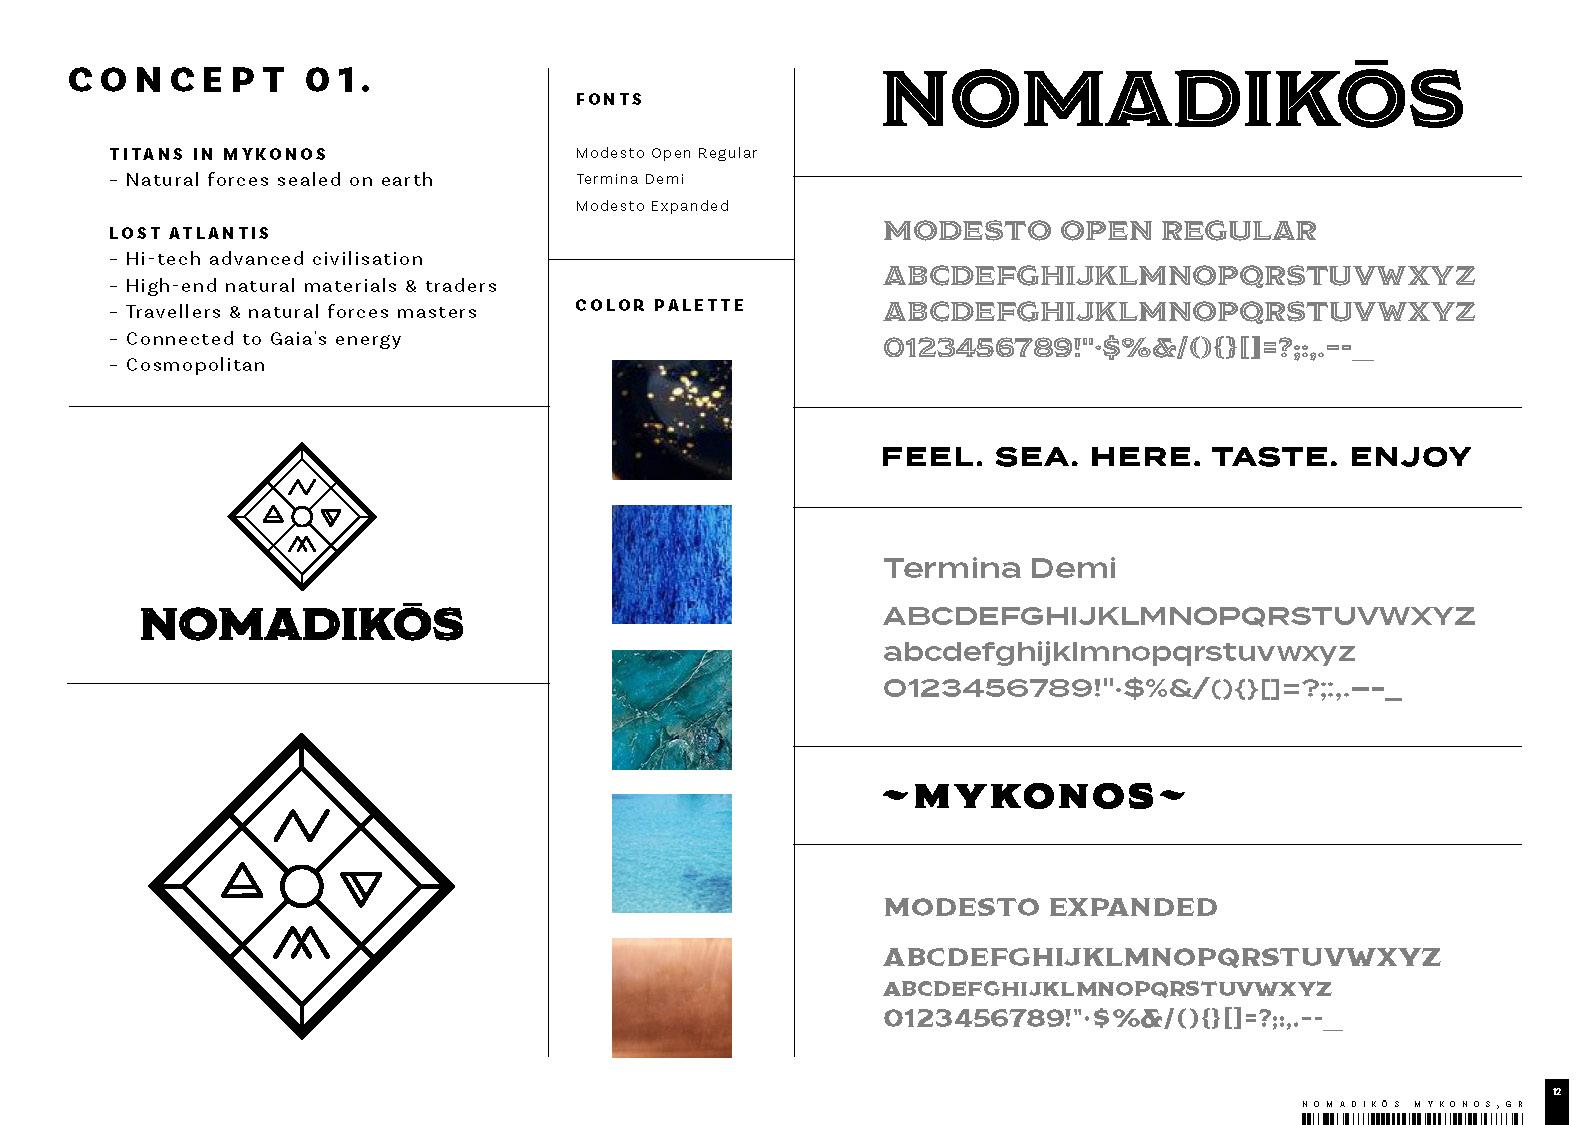 01.nomadikos_ID03L_pr_brand&concept_v2_Página_12.jpg